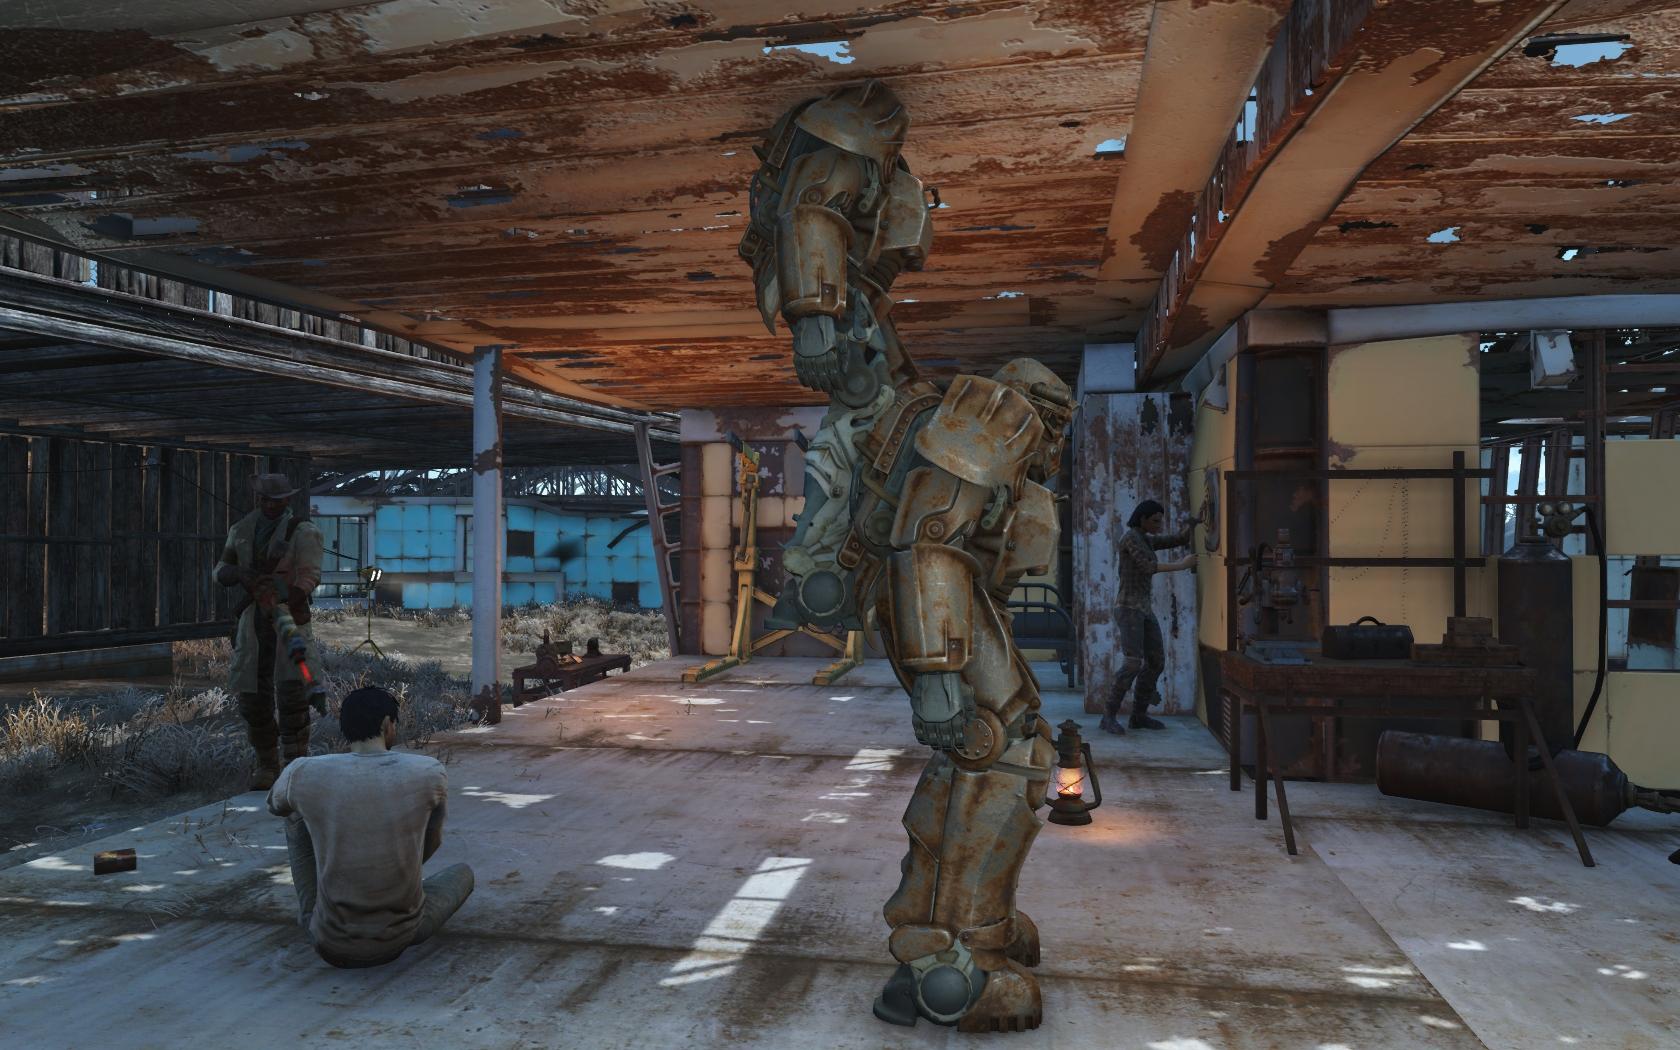 Когда дважды используется телепортация (Сэнкчуари) - Fallout 4 Баг, Силовая броня